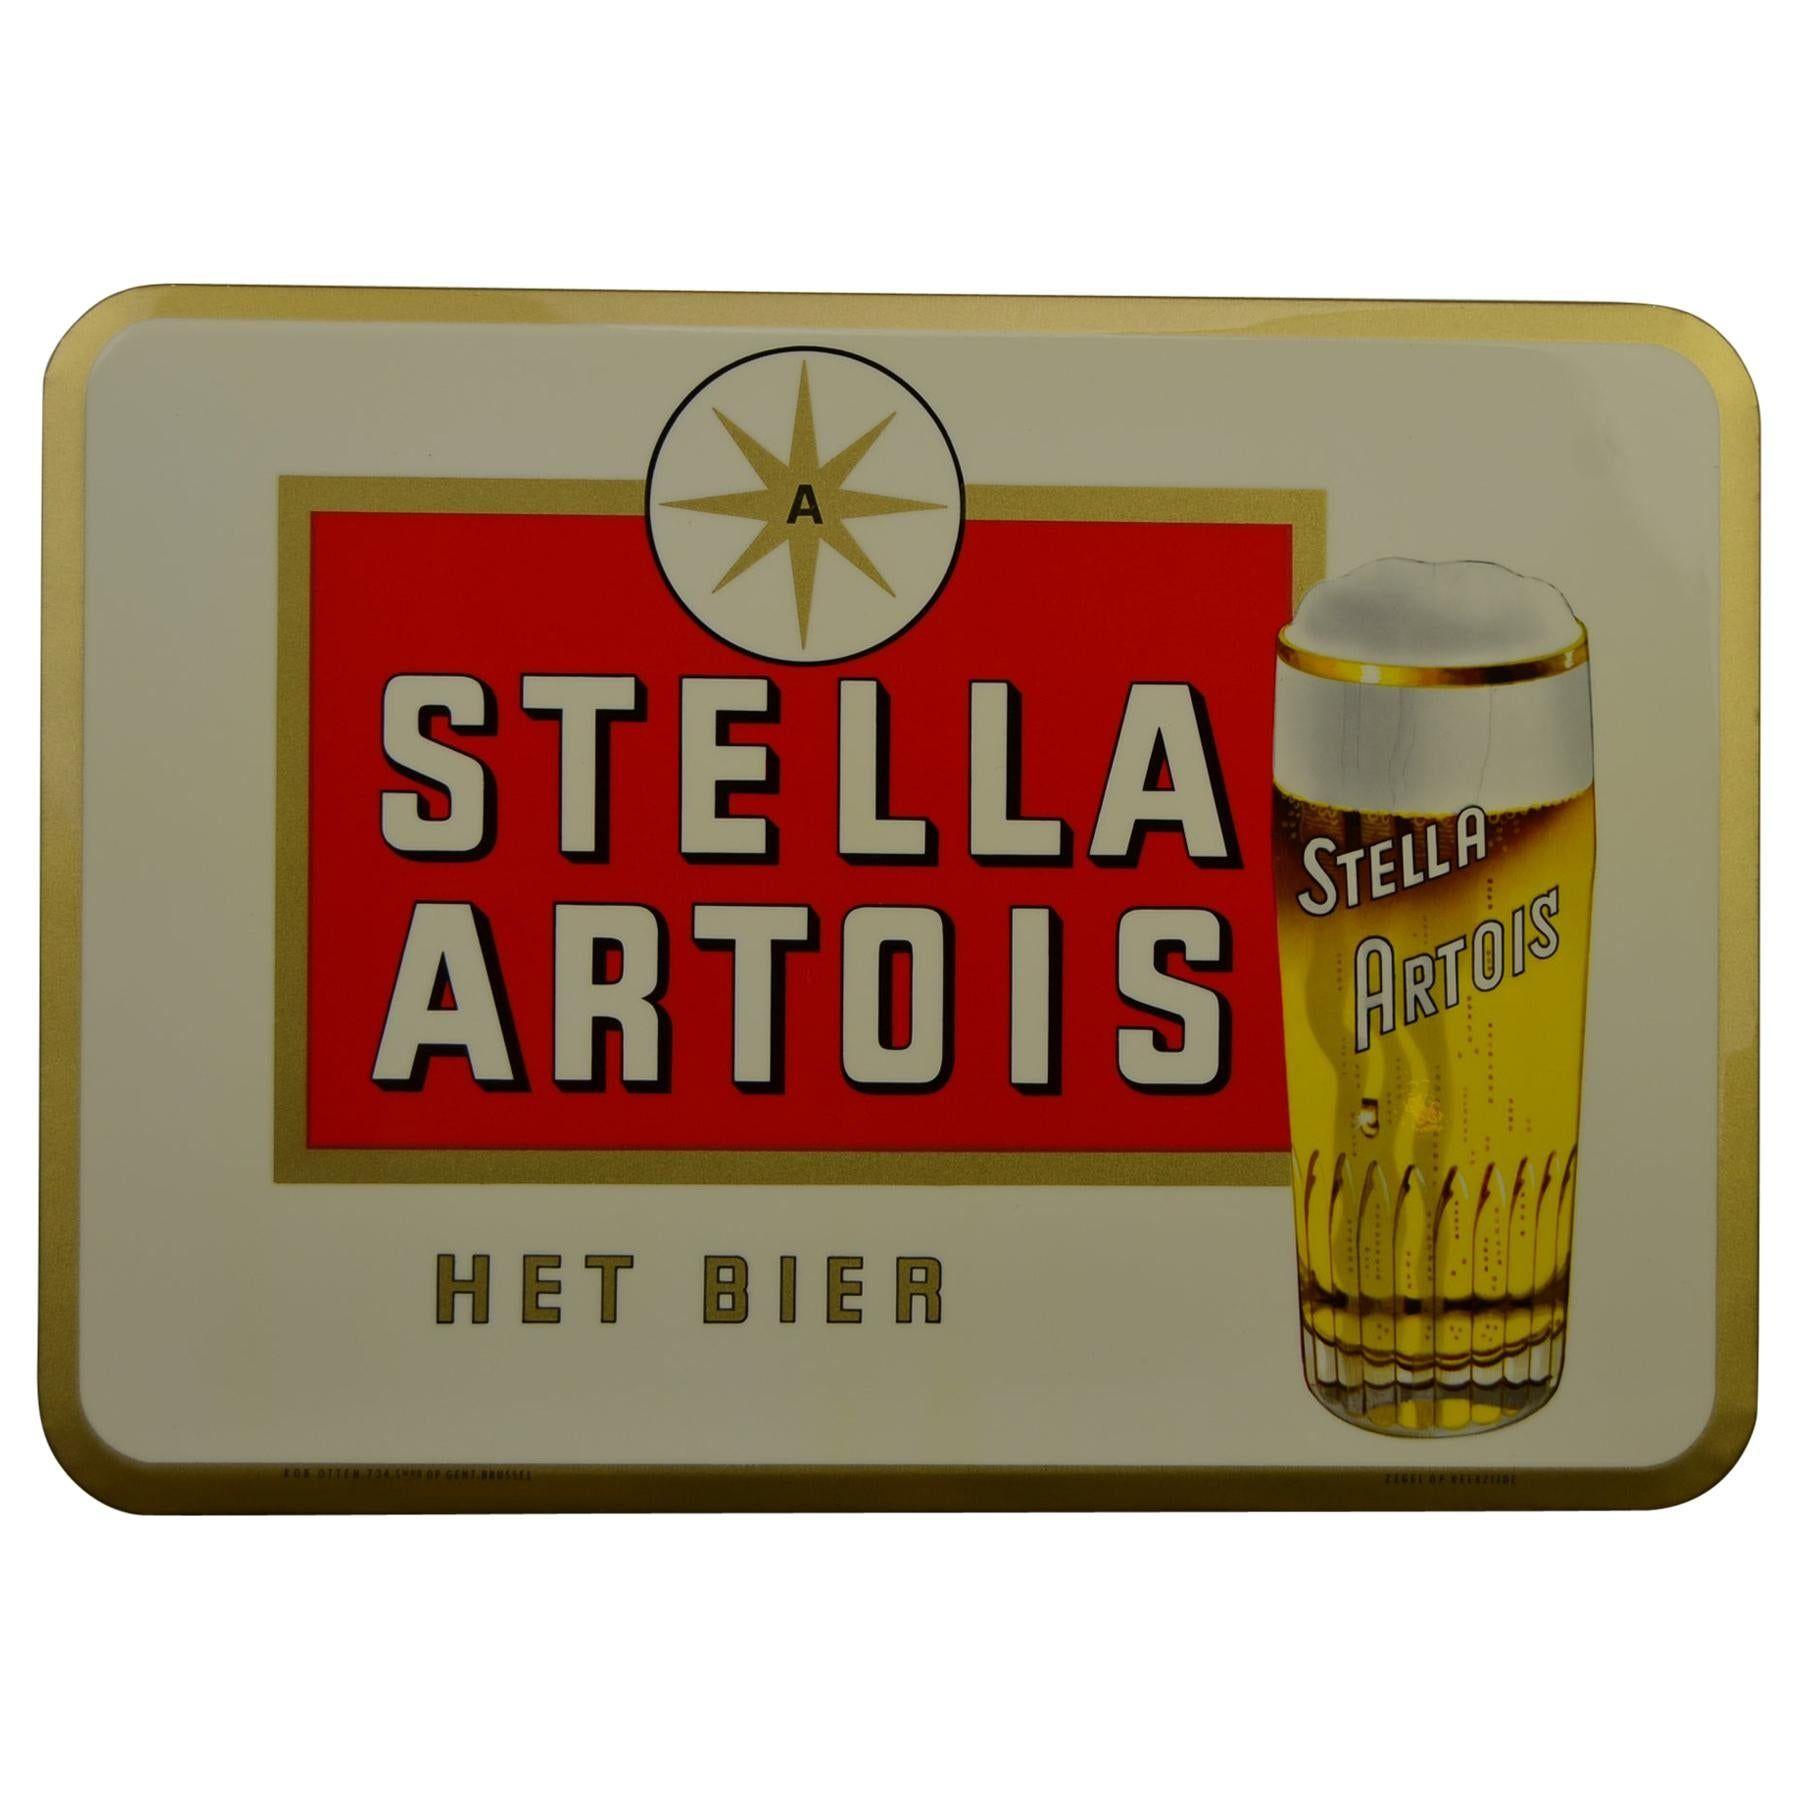 1960s Stella Artois Belgian Beer Sign Glacoid On Cardboard By Rob Otten En 2020